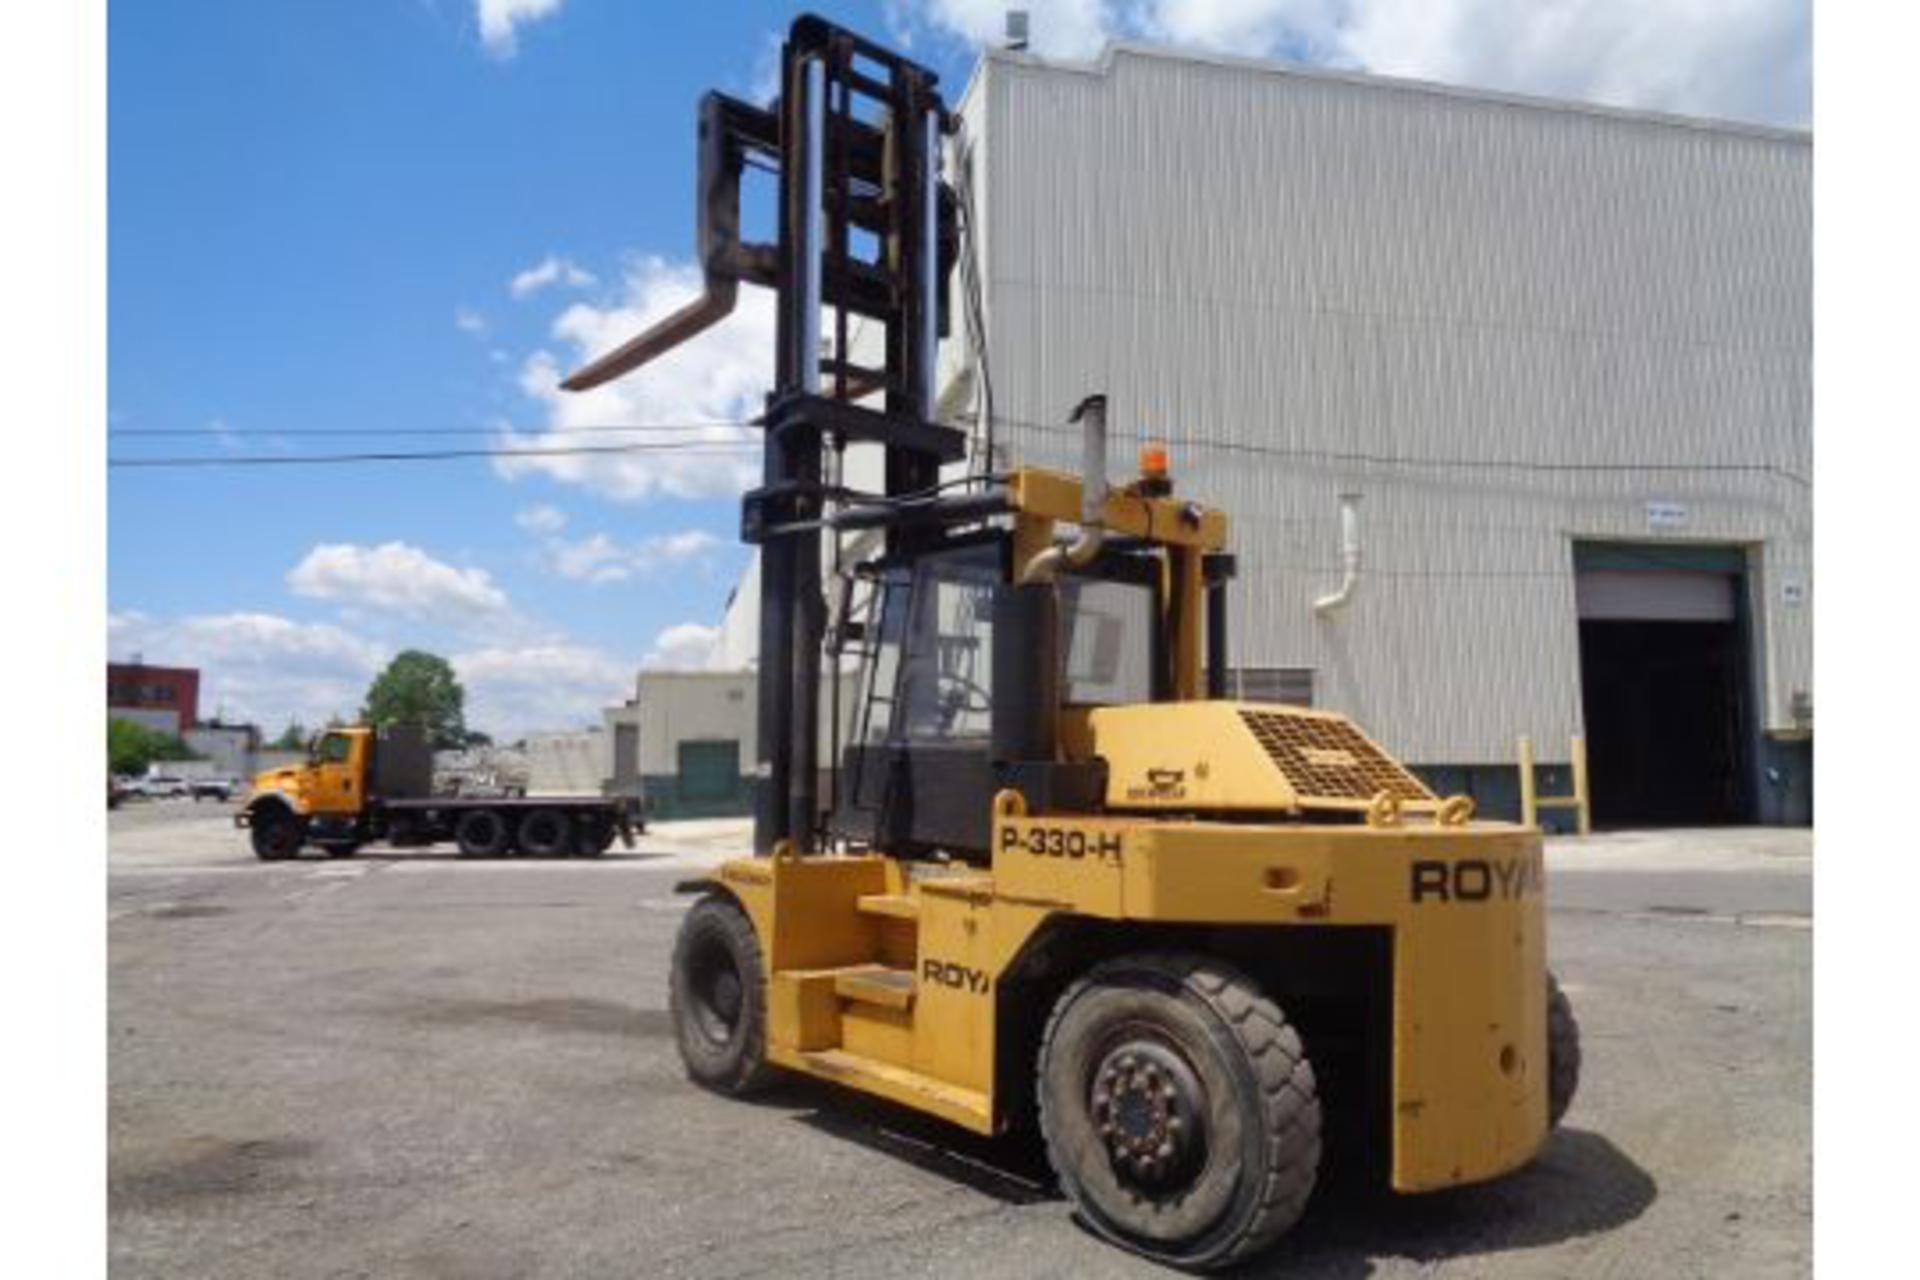 1998 Royal P330H 36,000lb Forklift - Image 16 of 19